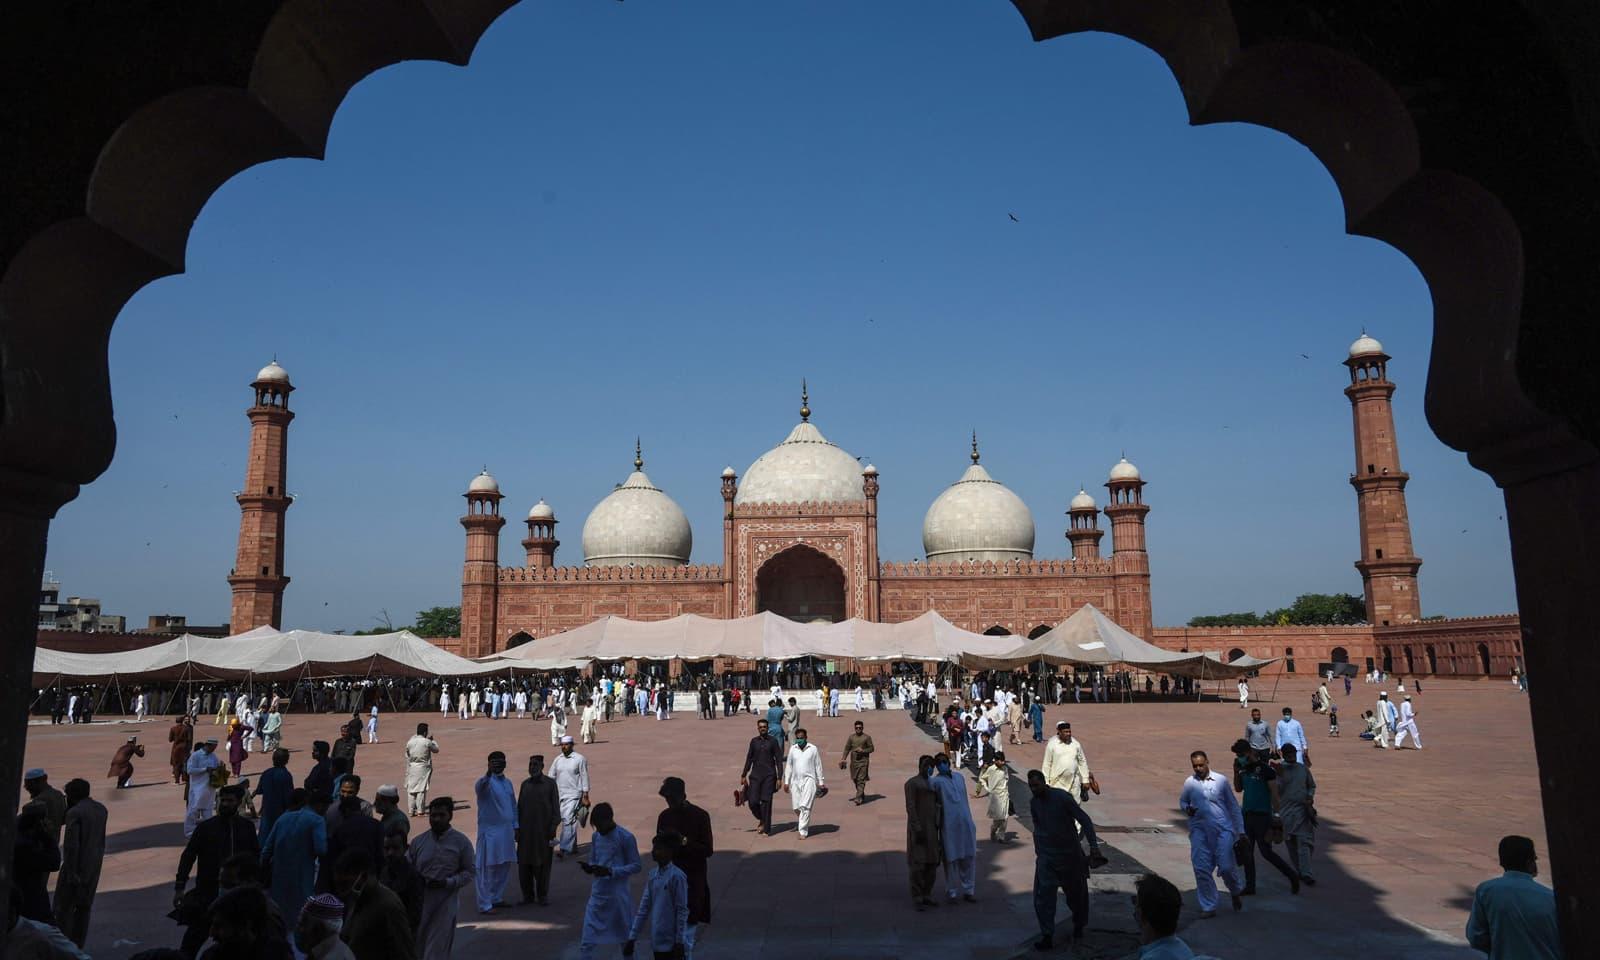 لاہور کی تاریخی بادشاہی مسجد کا روح پرور منظر— فوٹو: اے پی